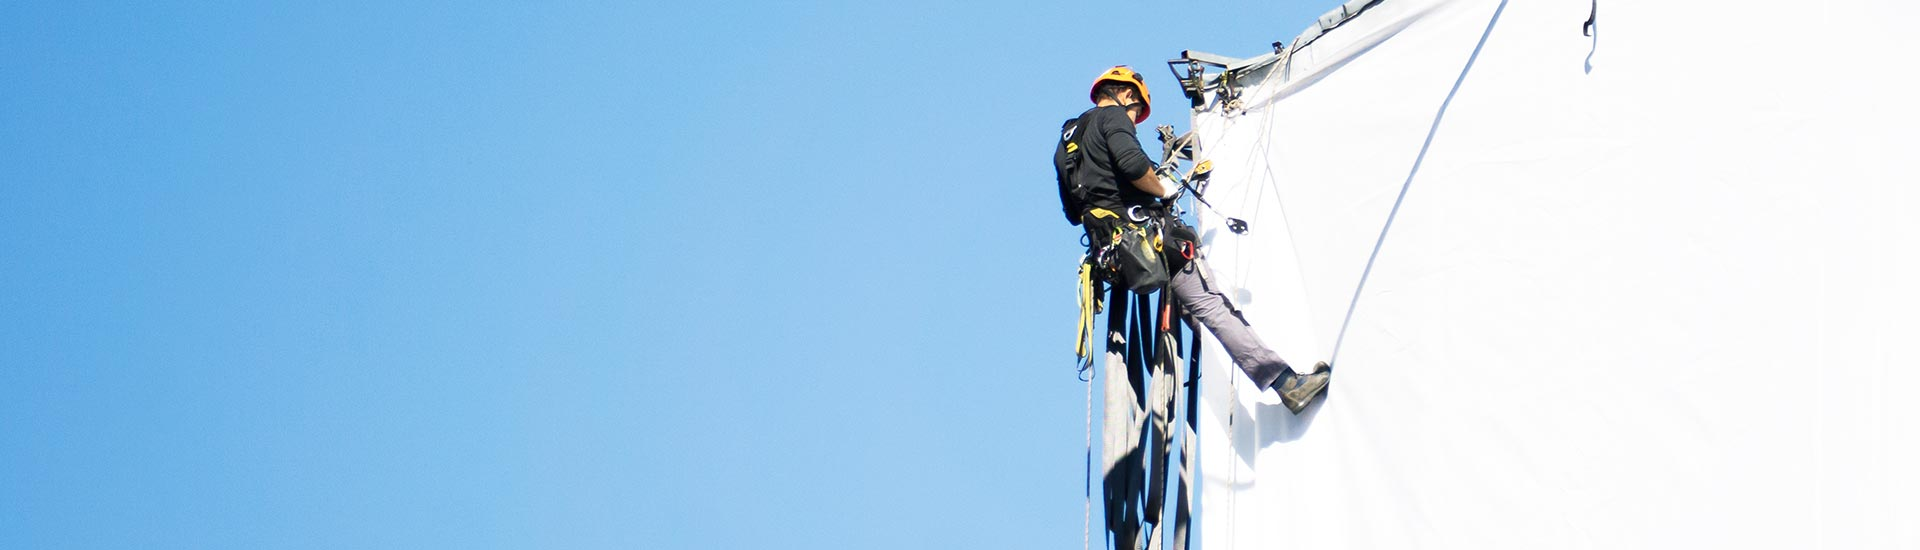 Rope access specialist reclame en promotie